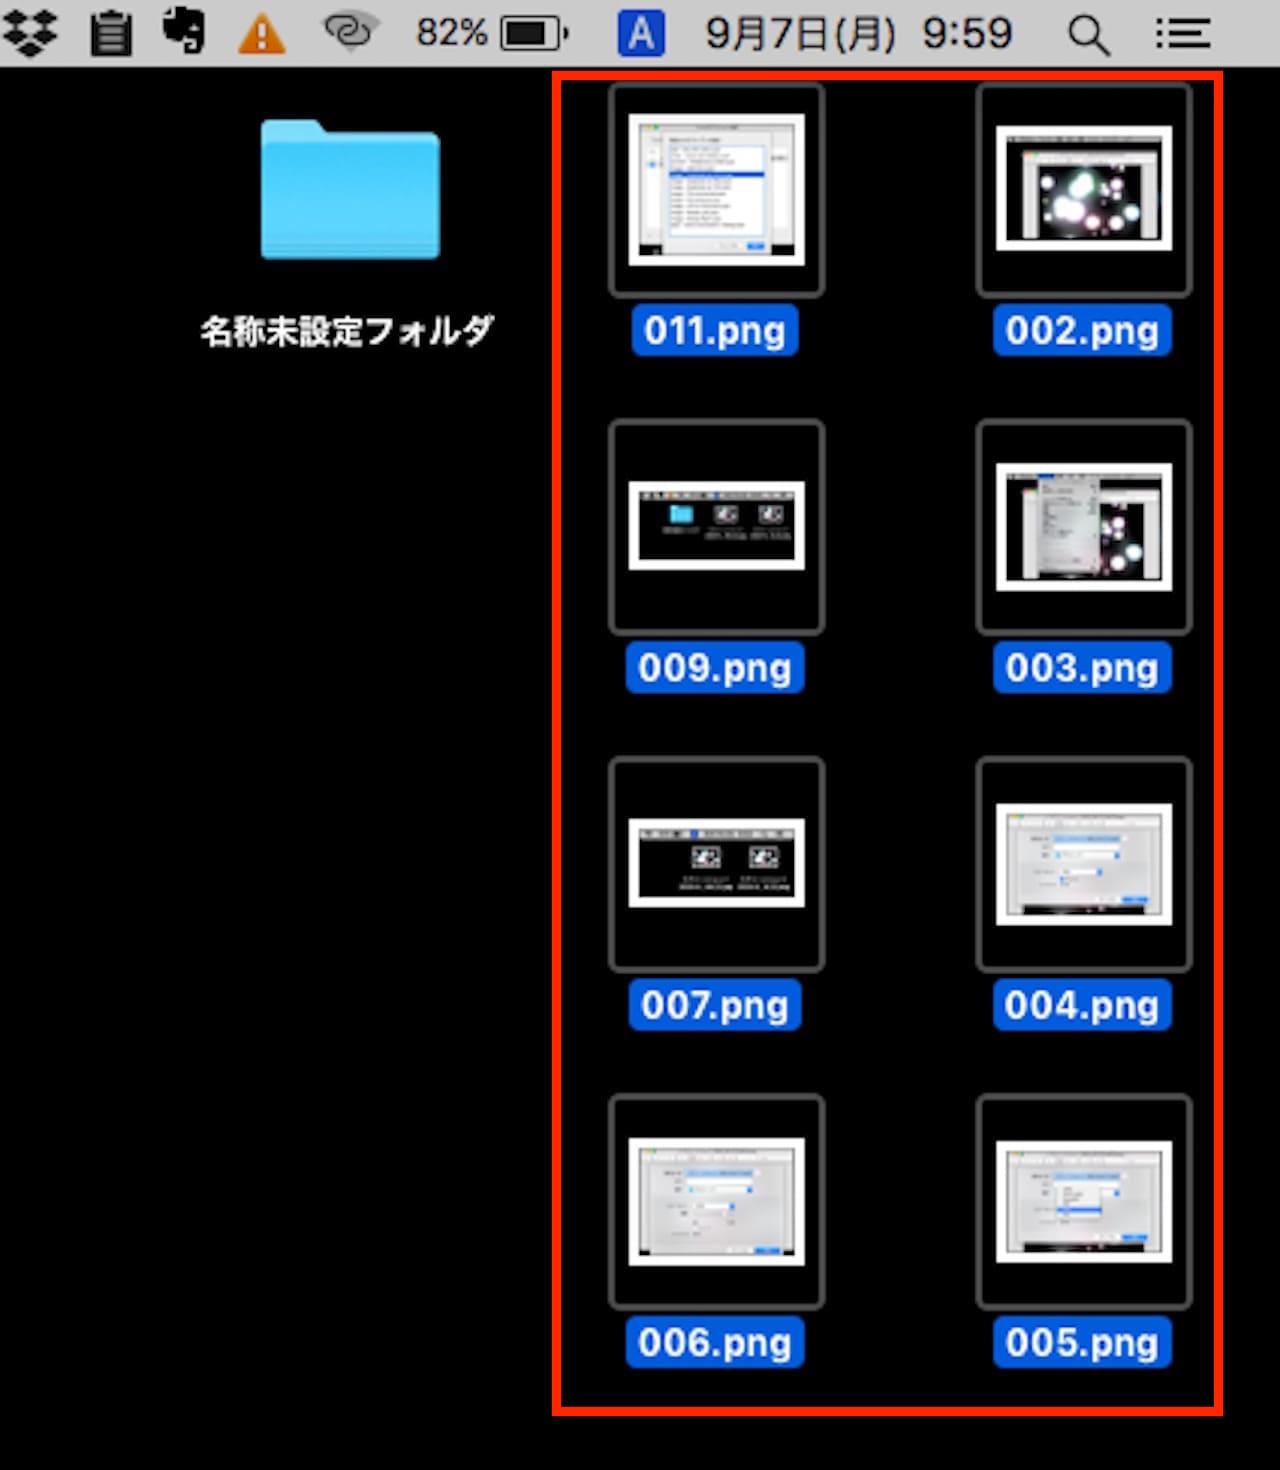 プレビューを使用し、複数のPNGファイルを一括でJPG(JPEG)に変換する方法①